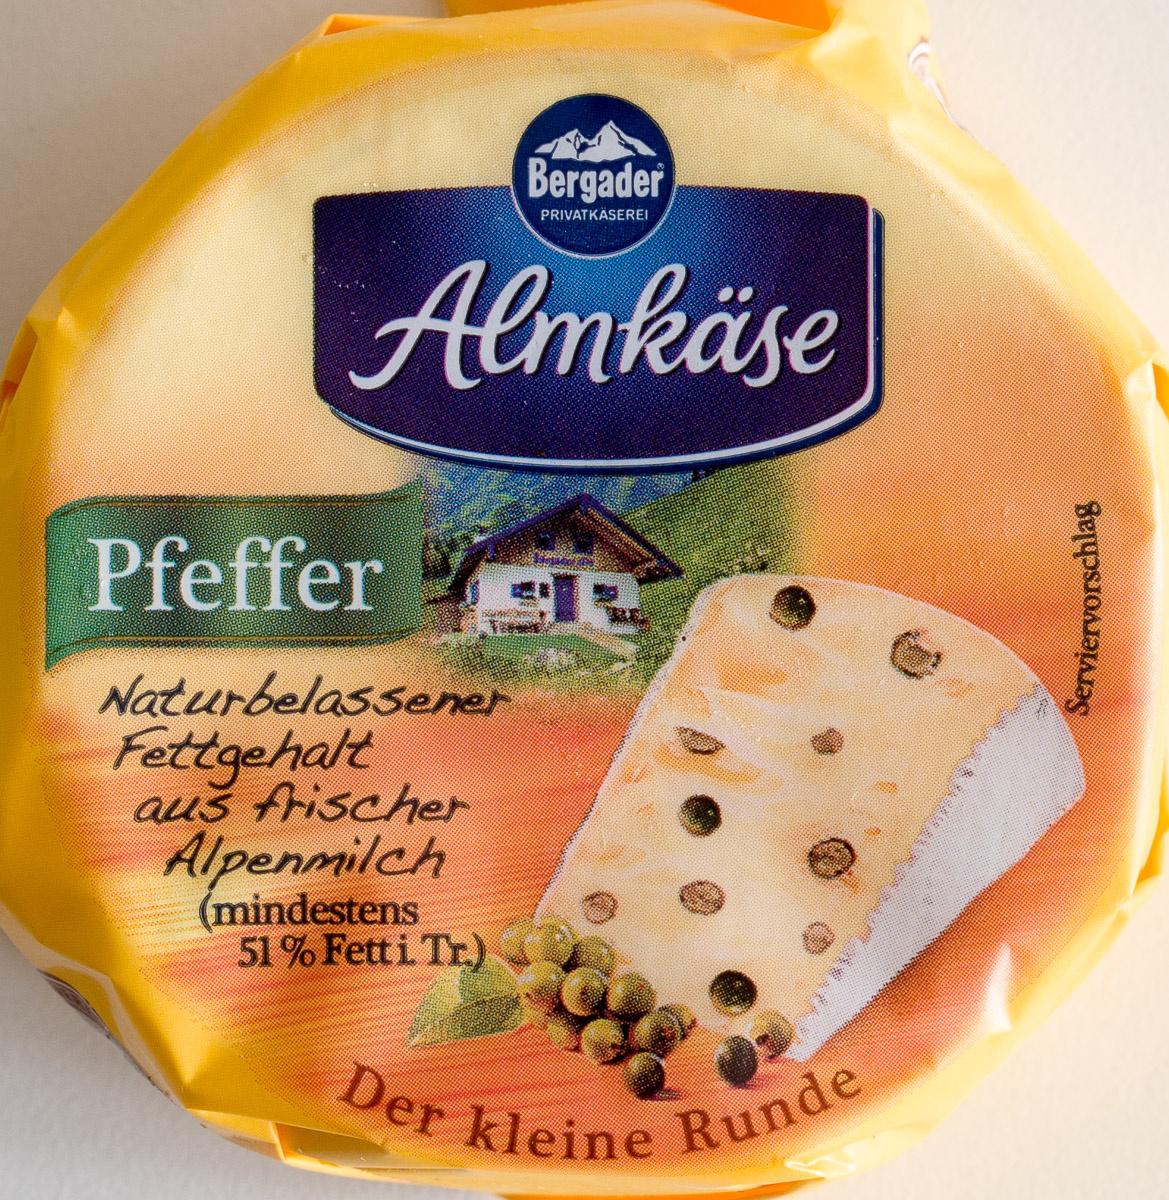 Almkäse Pfeffer - Product - de